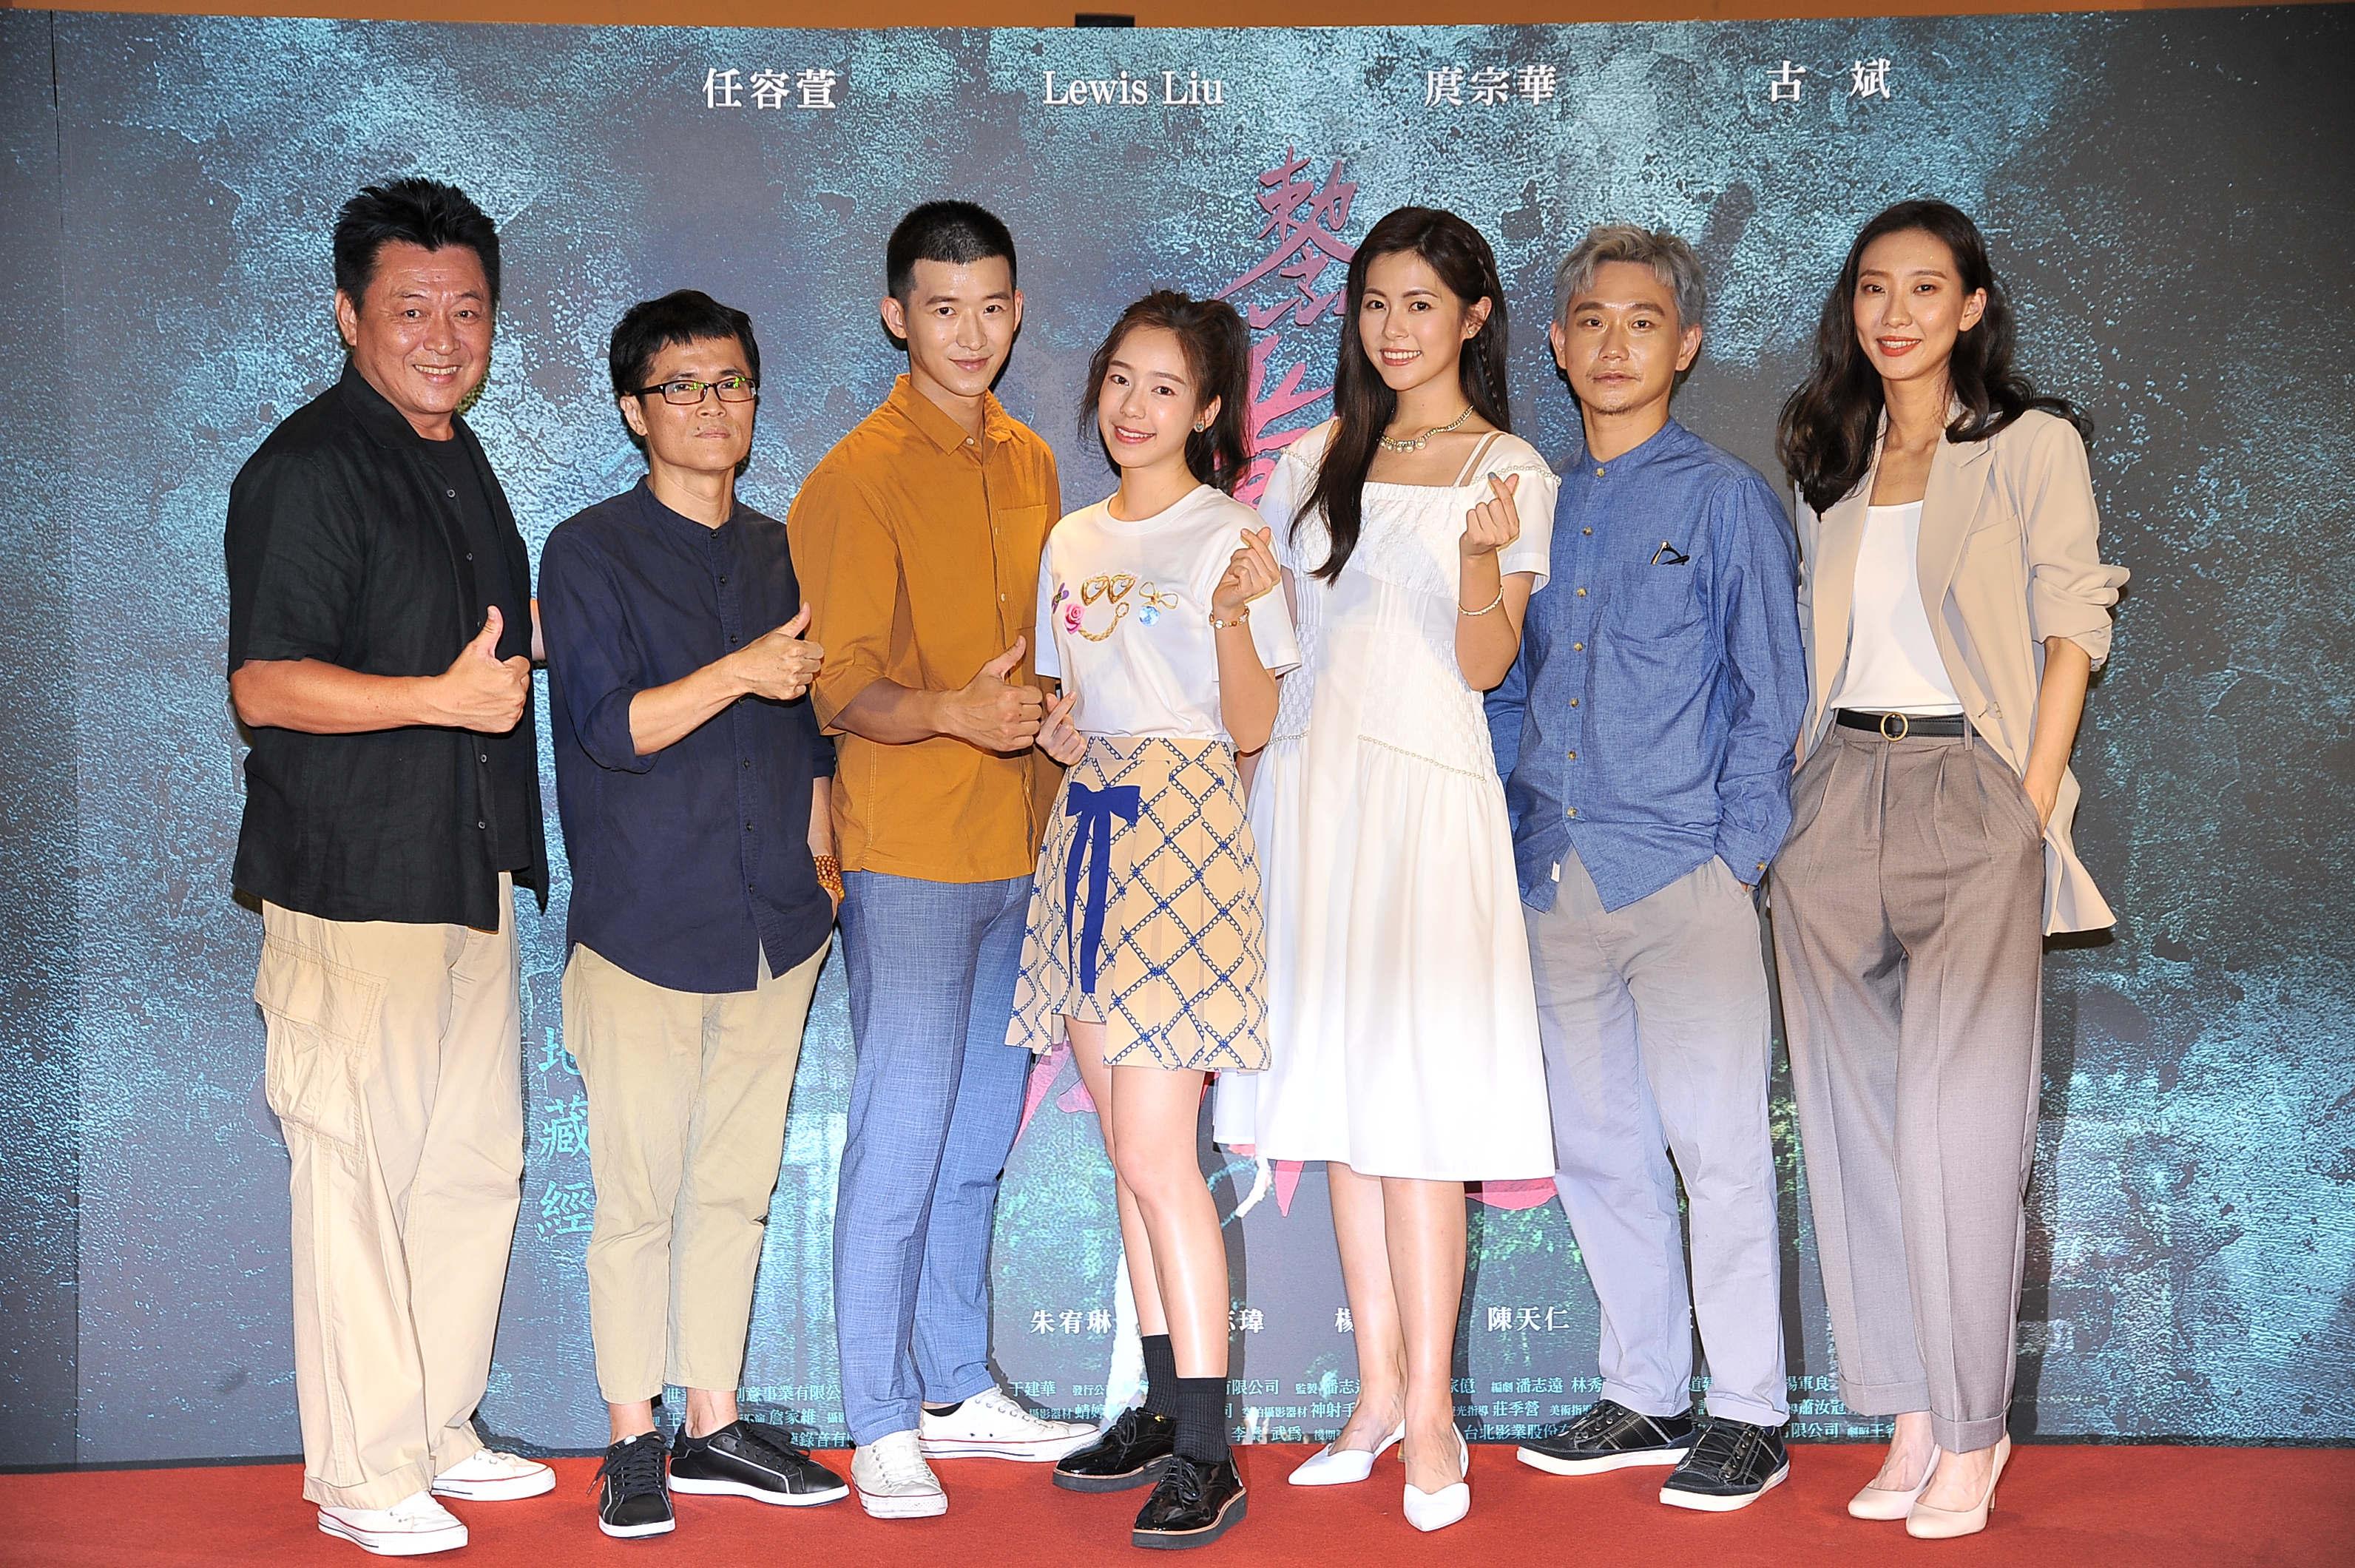 (由左至右)《驚夢49天》演員庹宗華、監製潘志遠、演員李至元、陳天仁、任容萱、陳家逵及朱宥琳出席首映會